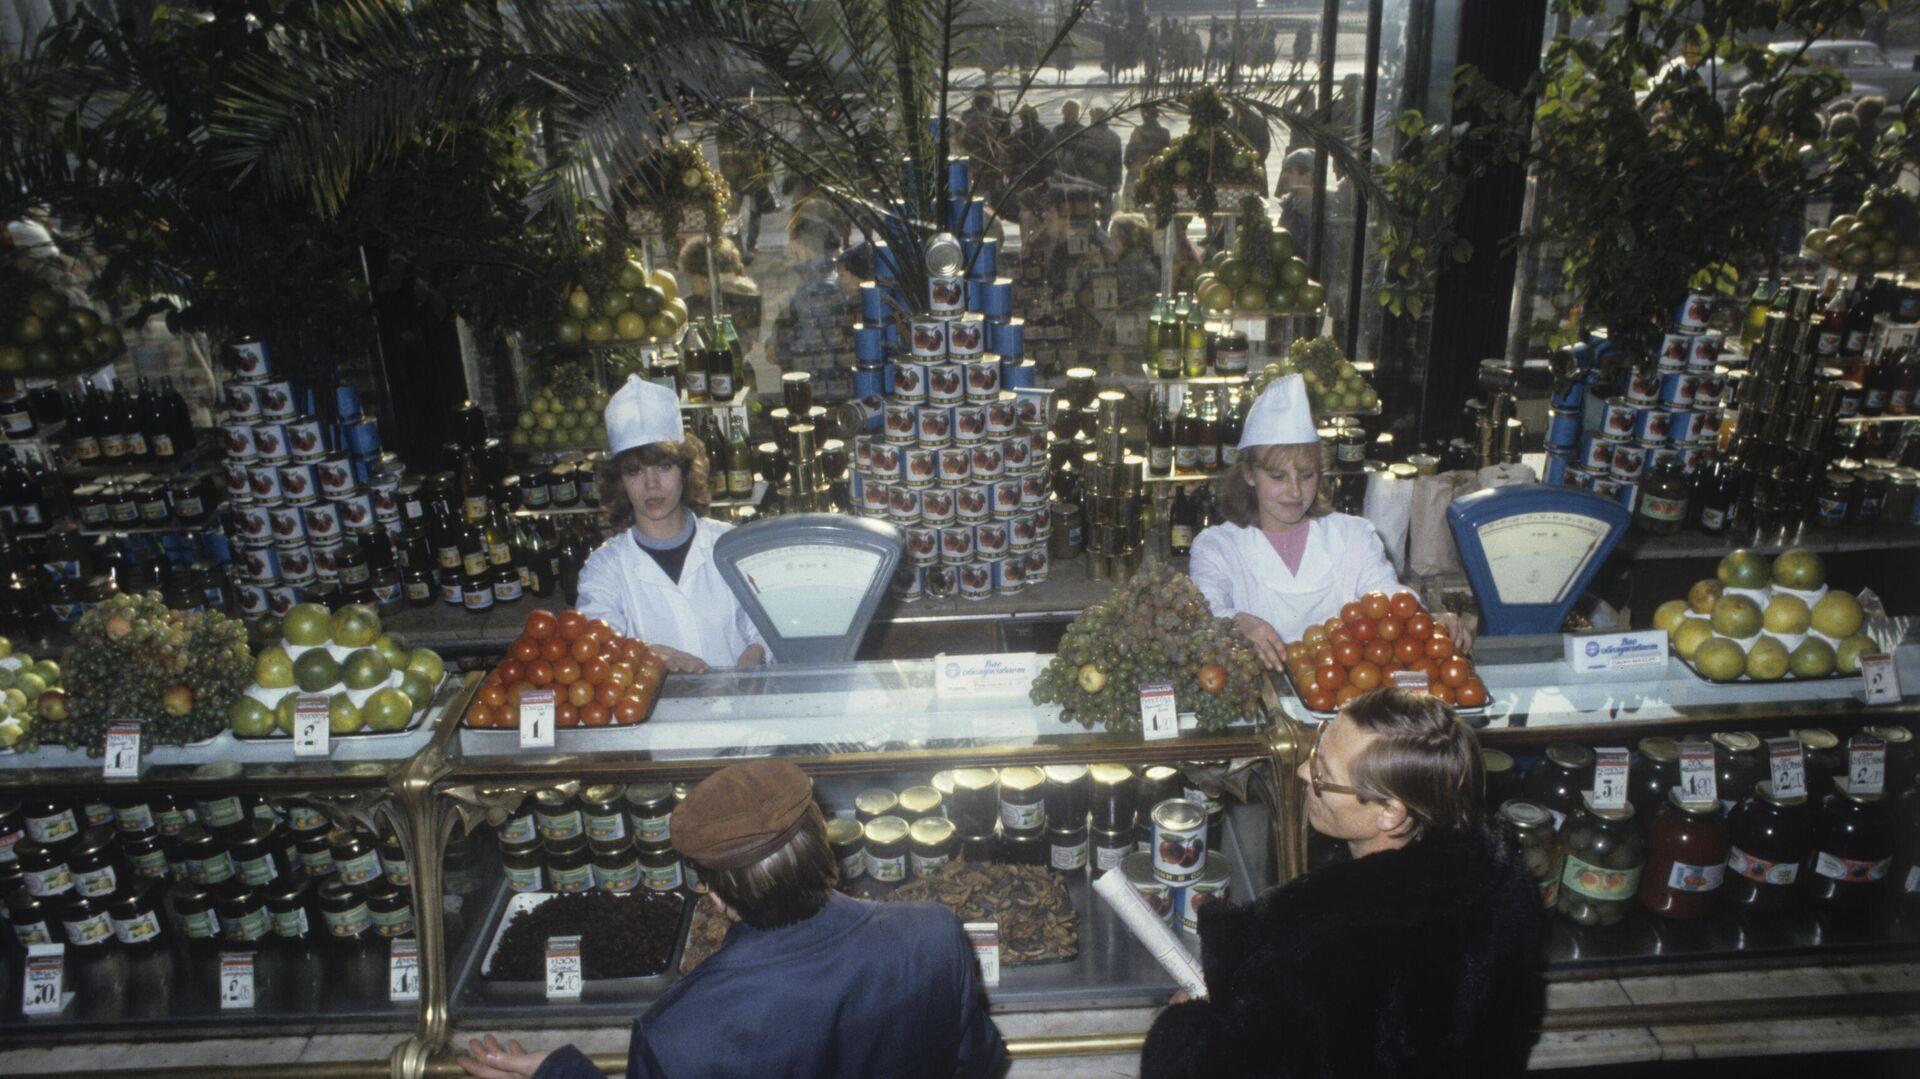 La tienda Eliséyevski en 1986, el departamento de la frutería - Sputnik Mundo, 1920, 08.04.2021